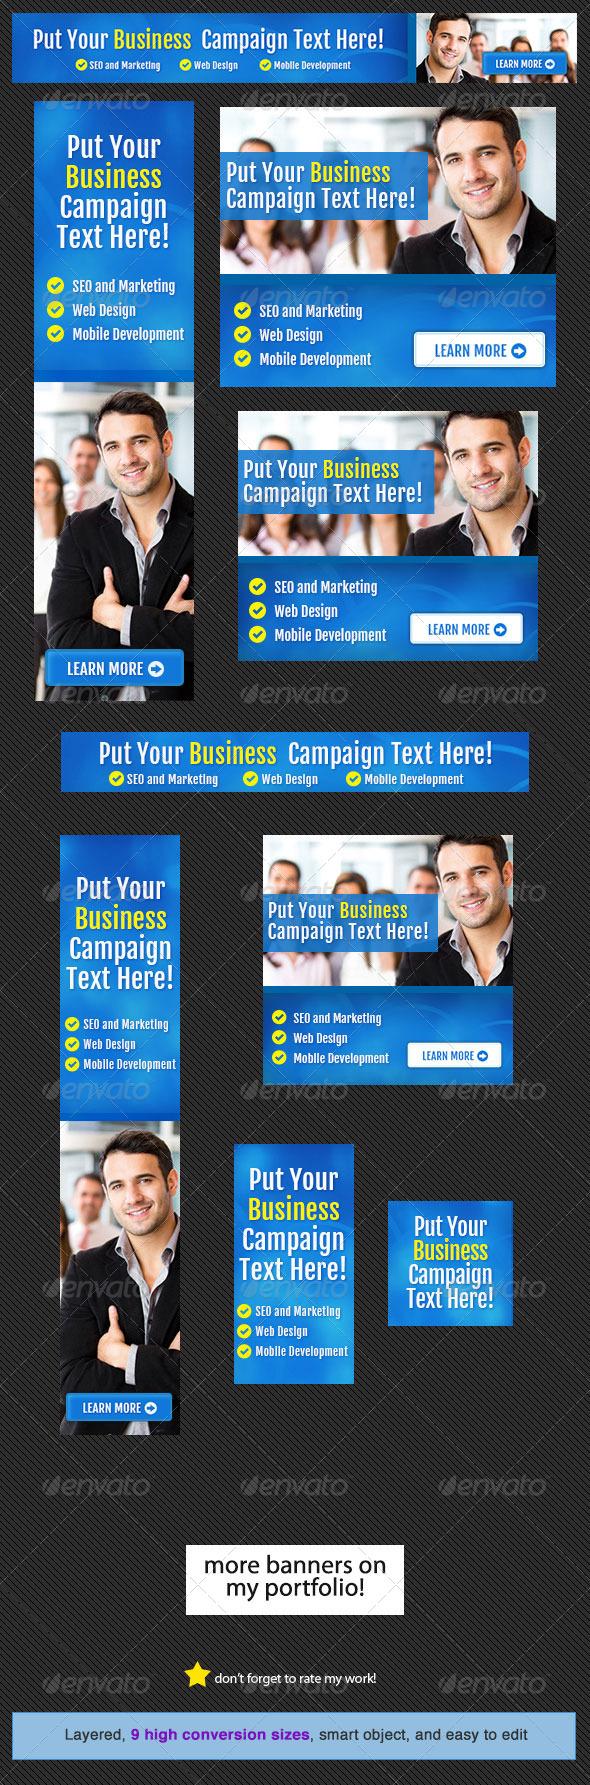 GraphicRiver Corporate Web Banner Design Template 14 4574115